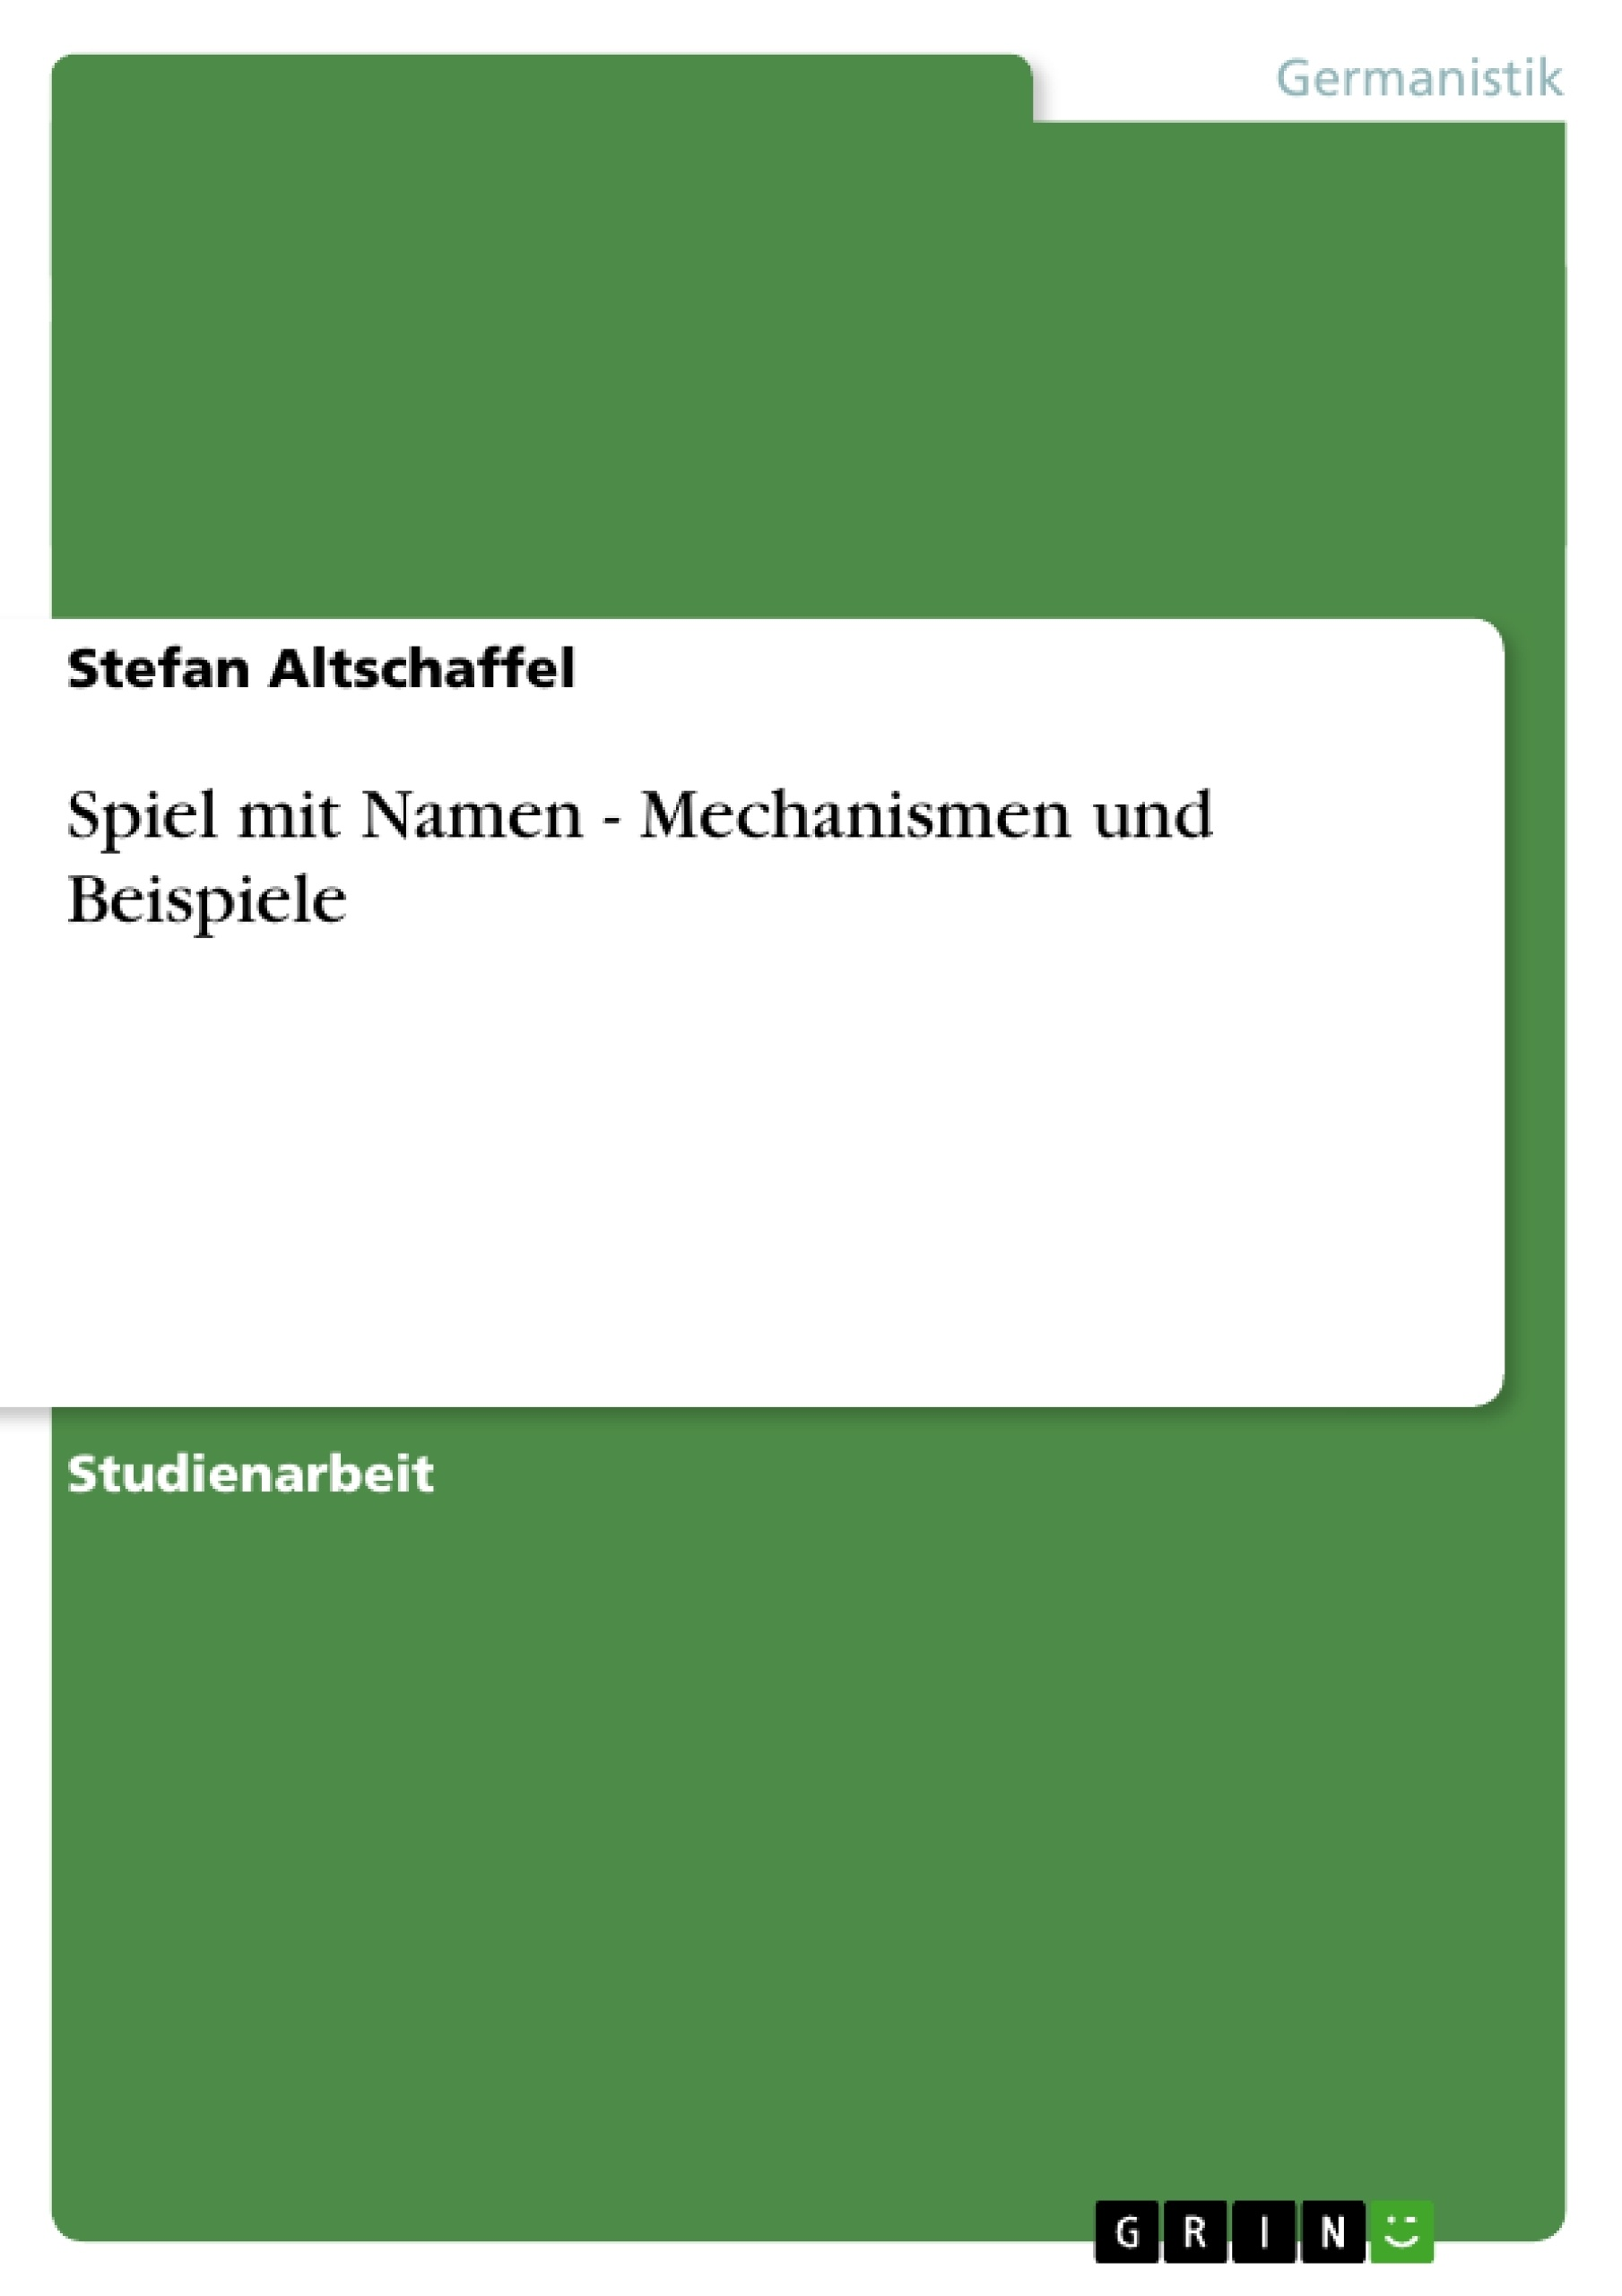 Titel: Spiel mit Namen - Mechanismen und Beispiele